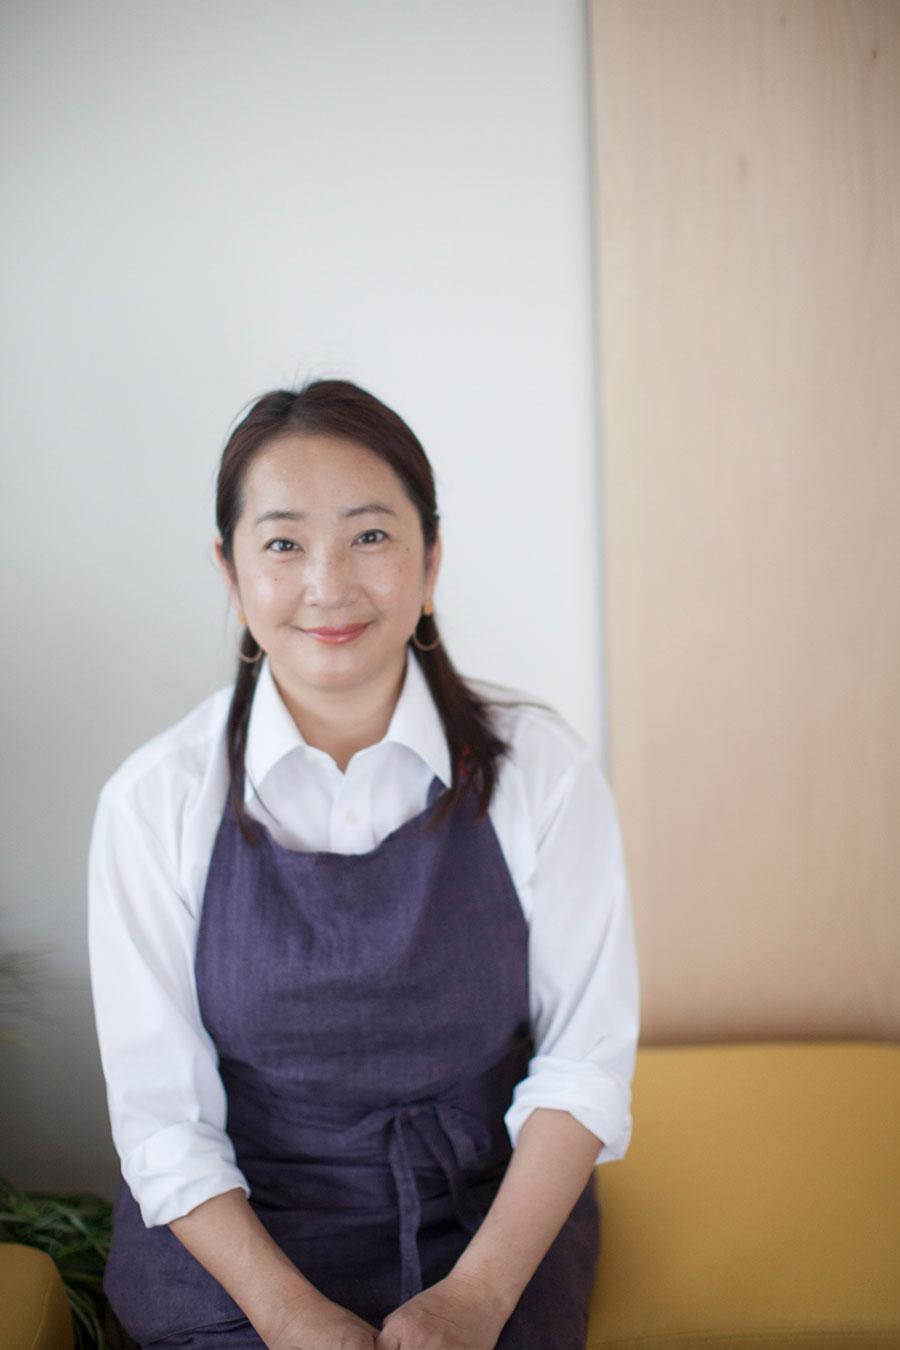 「クラディ」代表の石井麻紀子さん。DIYサービスやDIY学校で、DIYの楽しみを伝える。